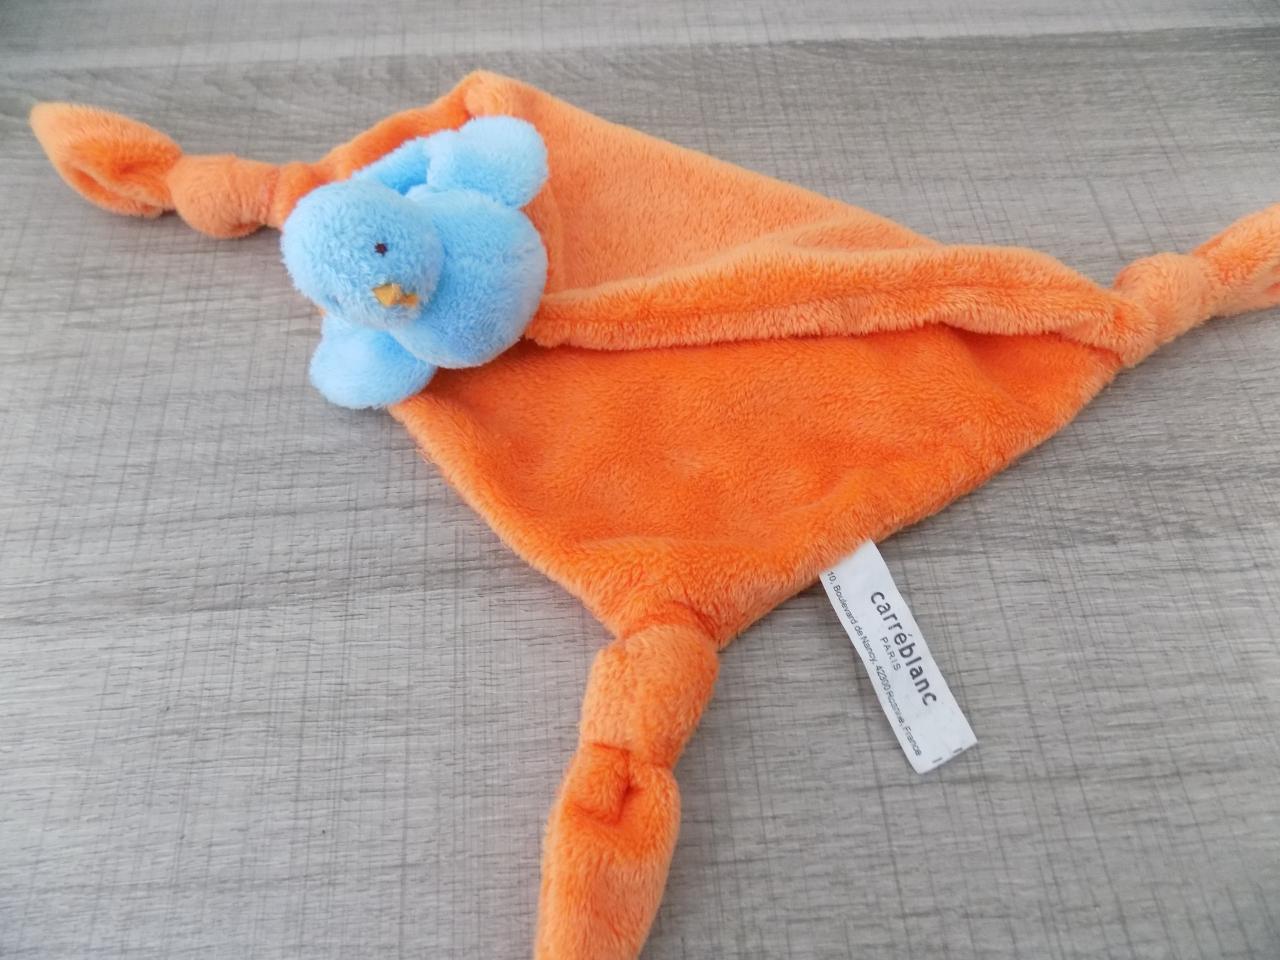 A69 doudou oiseau bleu sur mouchoir orange carr blanc for Oiseau bleu et orange